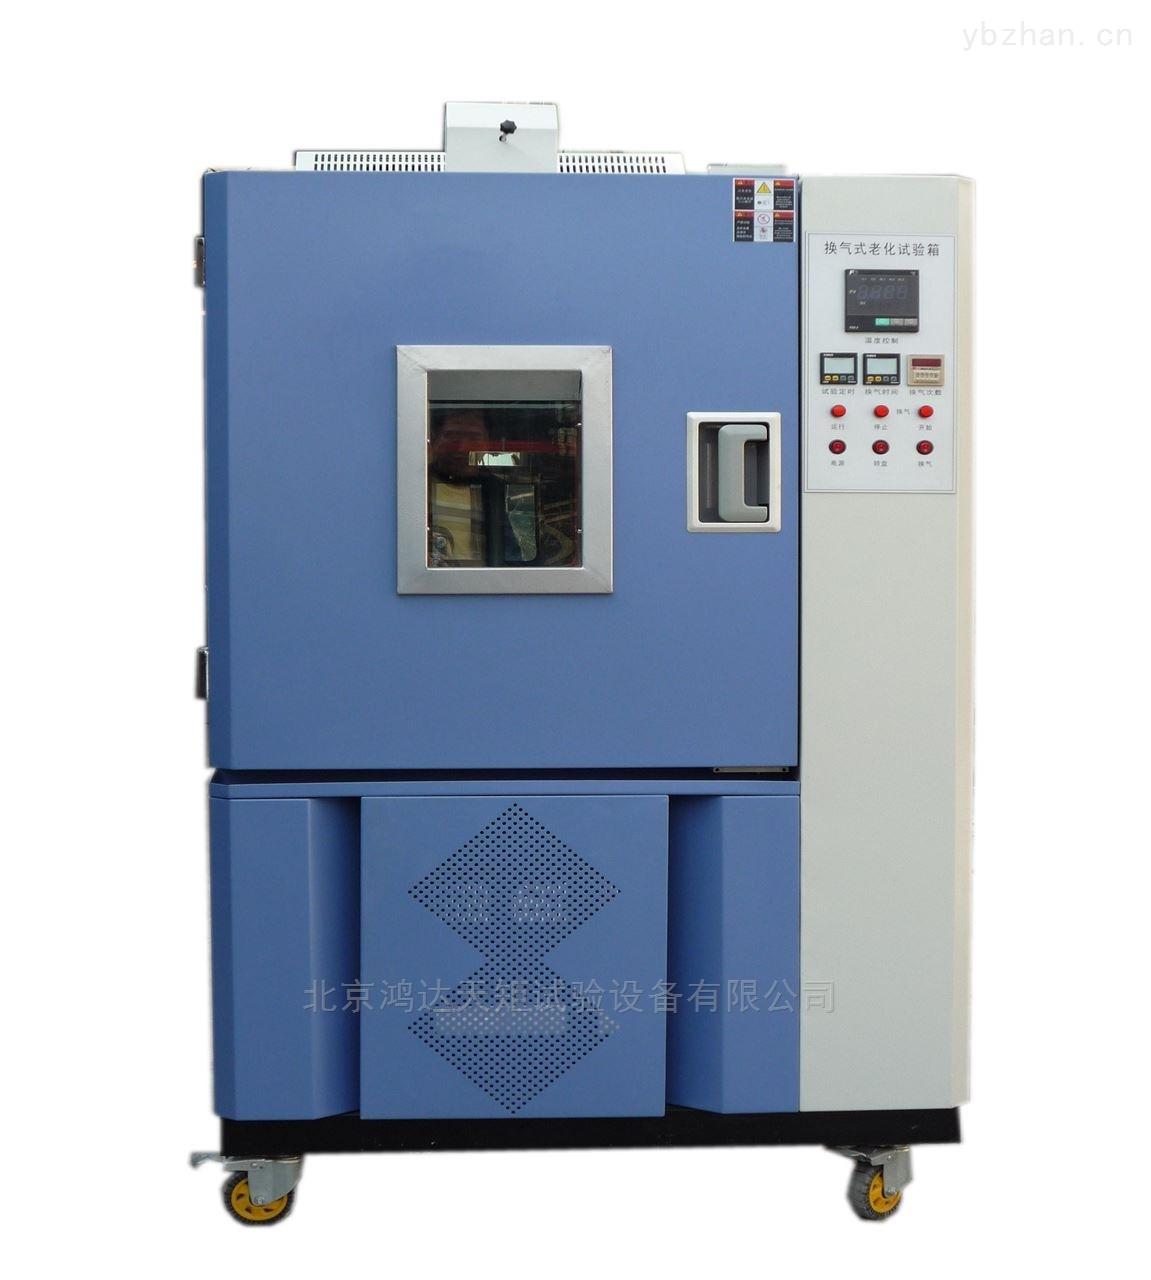 QLH-500--换气式老化试验箱/QLH-100换气式老化试验箱/QLH-225上海气流试验箱厂